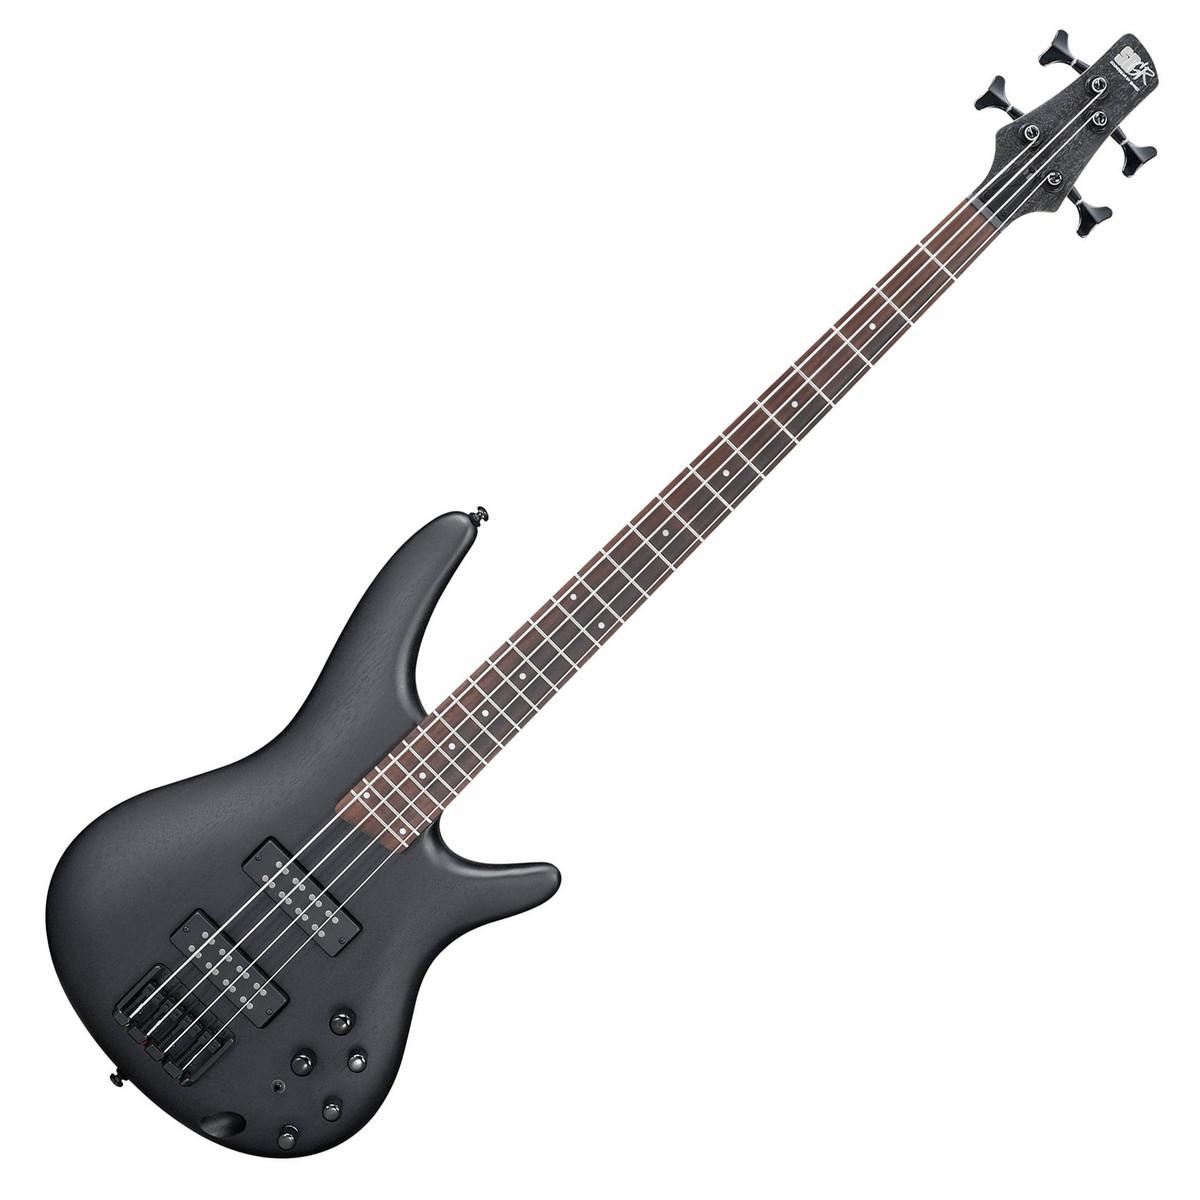 ibanez sr300eb bass guitar weathered black at. Black Bedroom Furniture Sets. Home Design Ideas